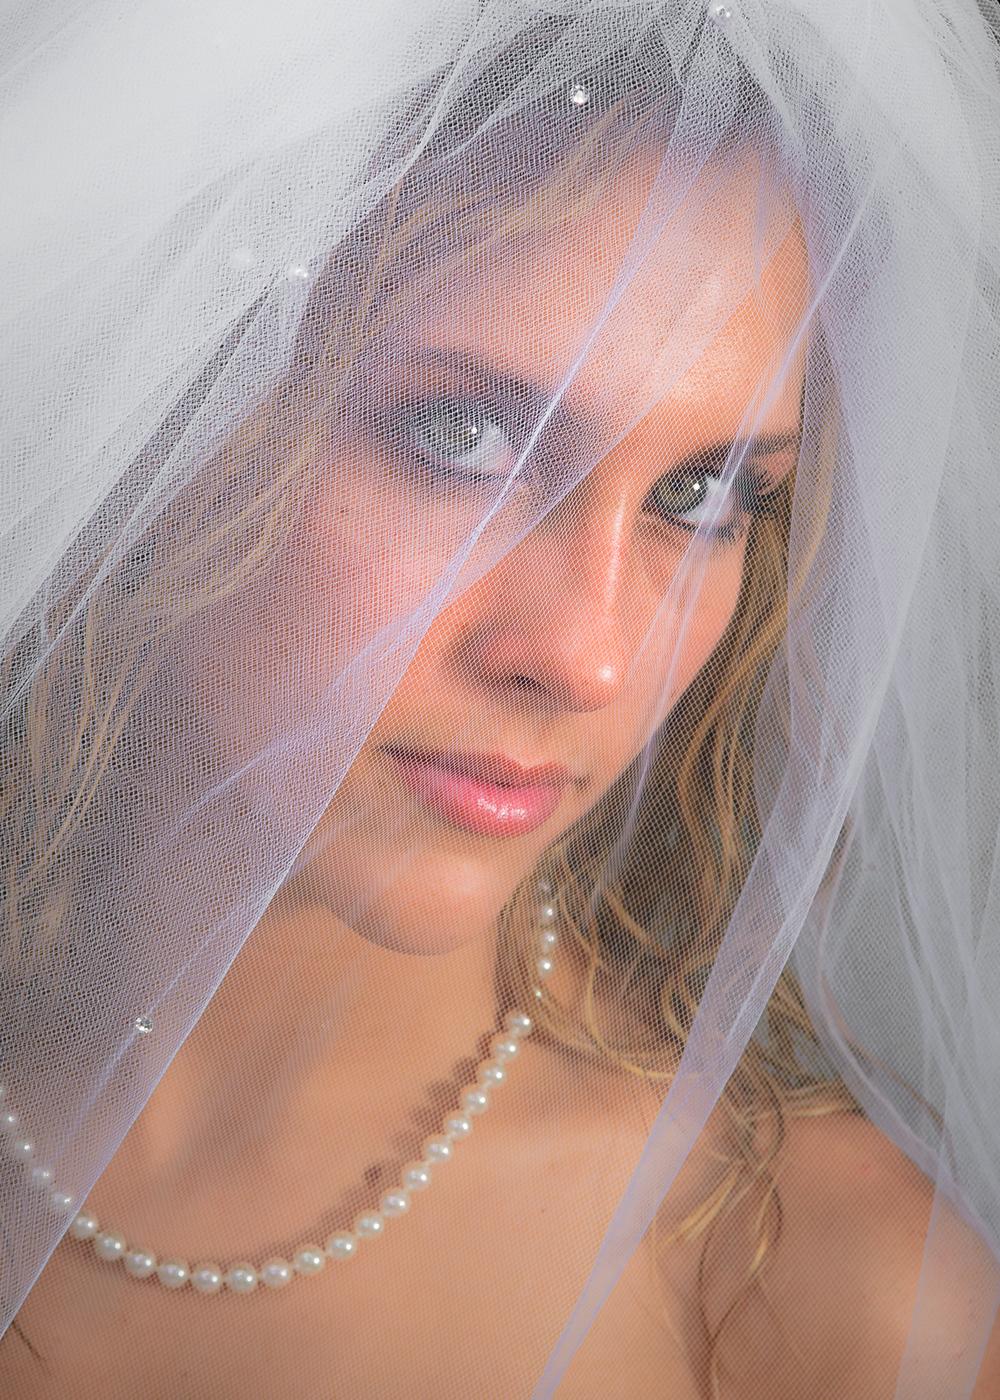 Michael-Napier-Weddings-Robb-Bridal-70 (14).jpg